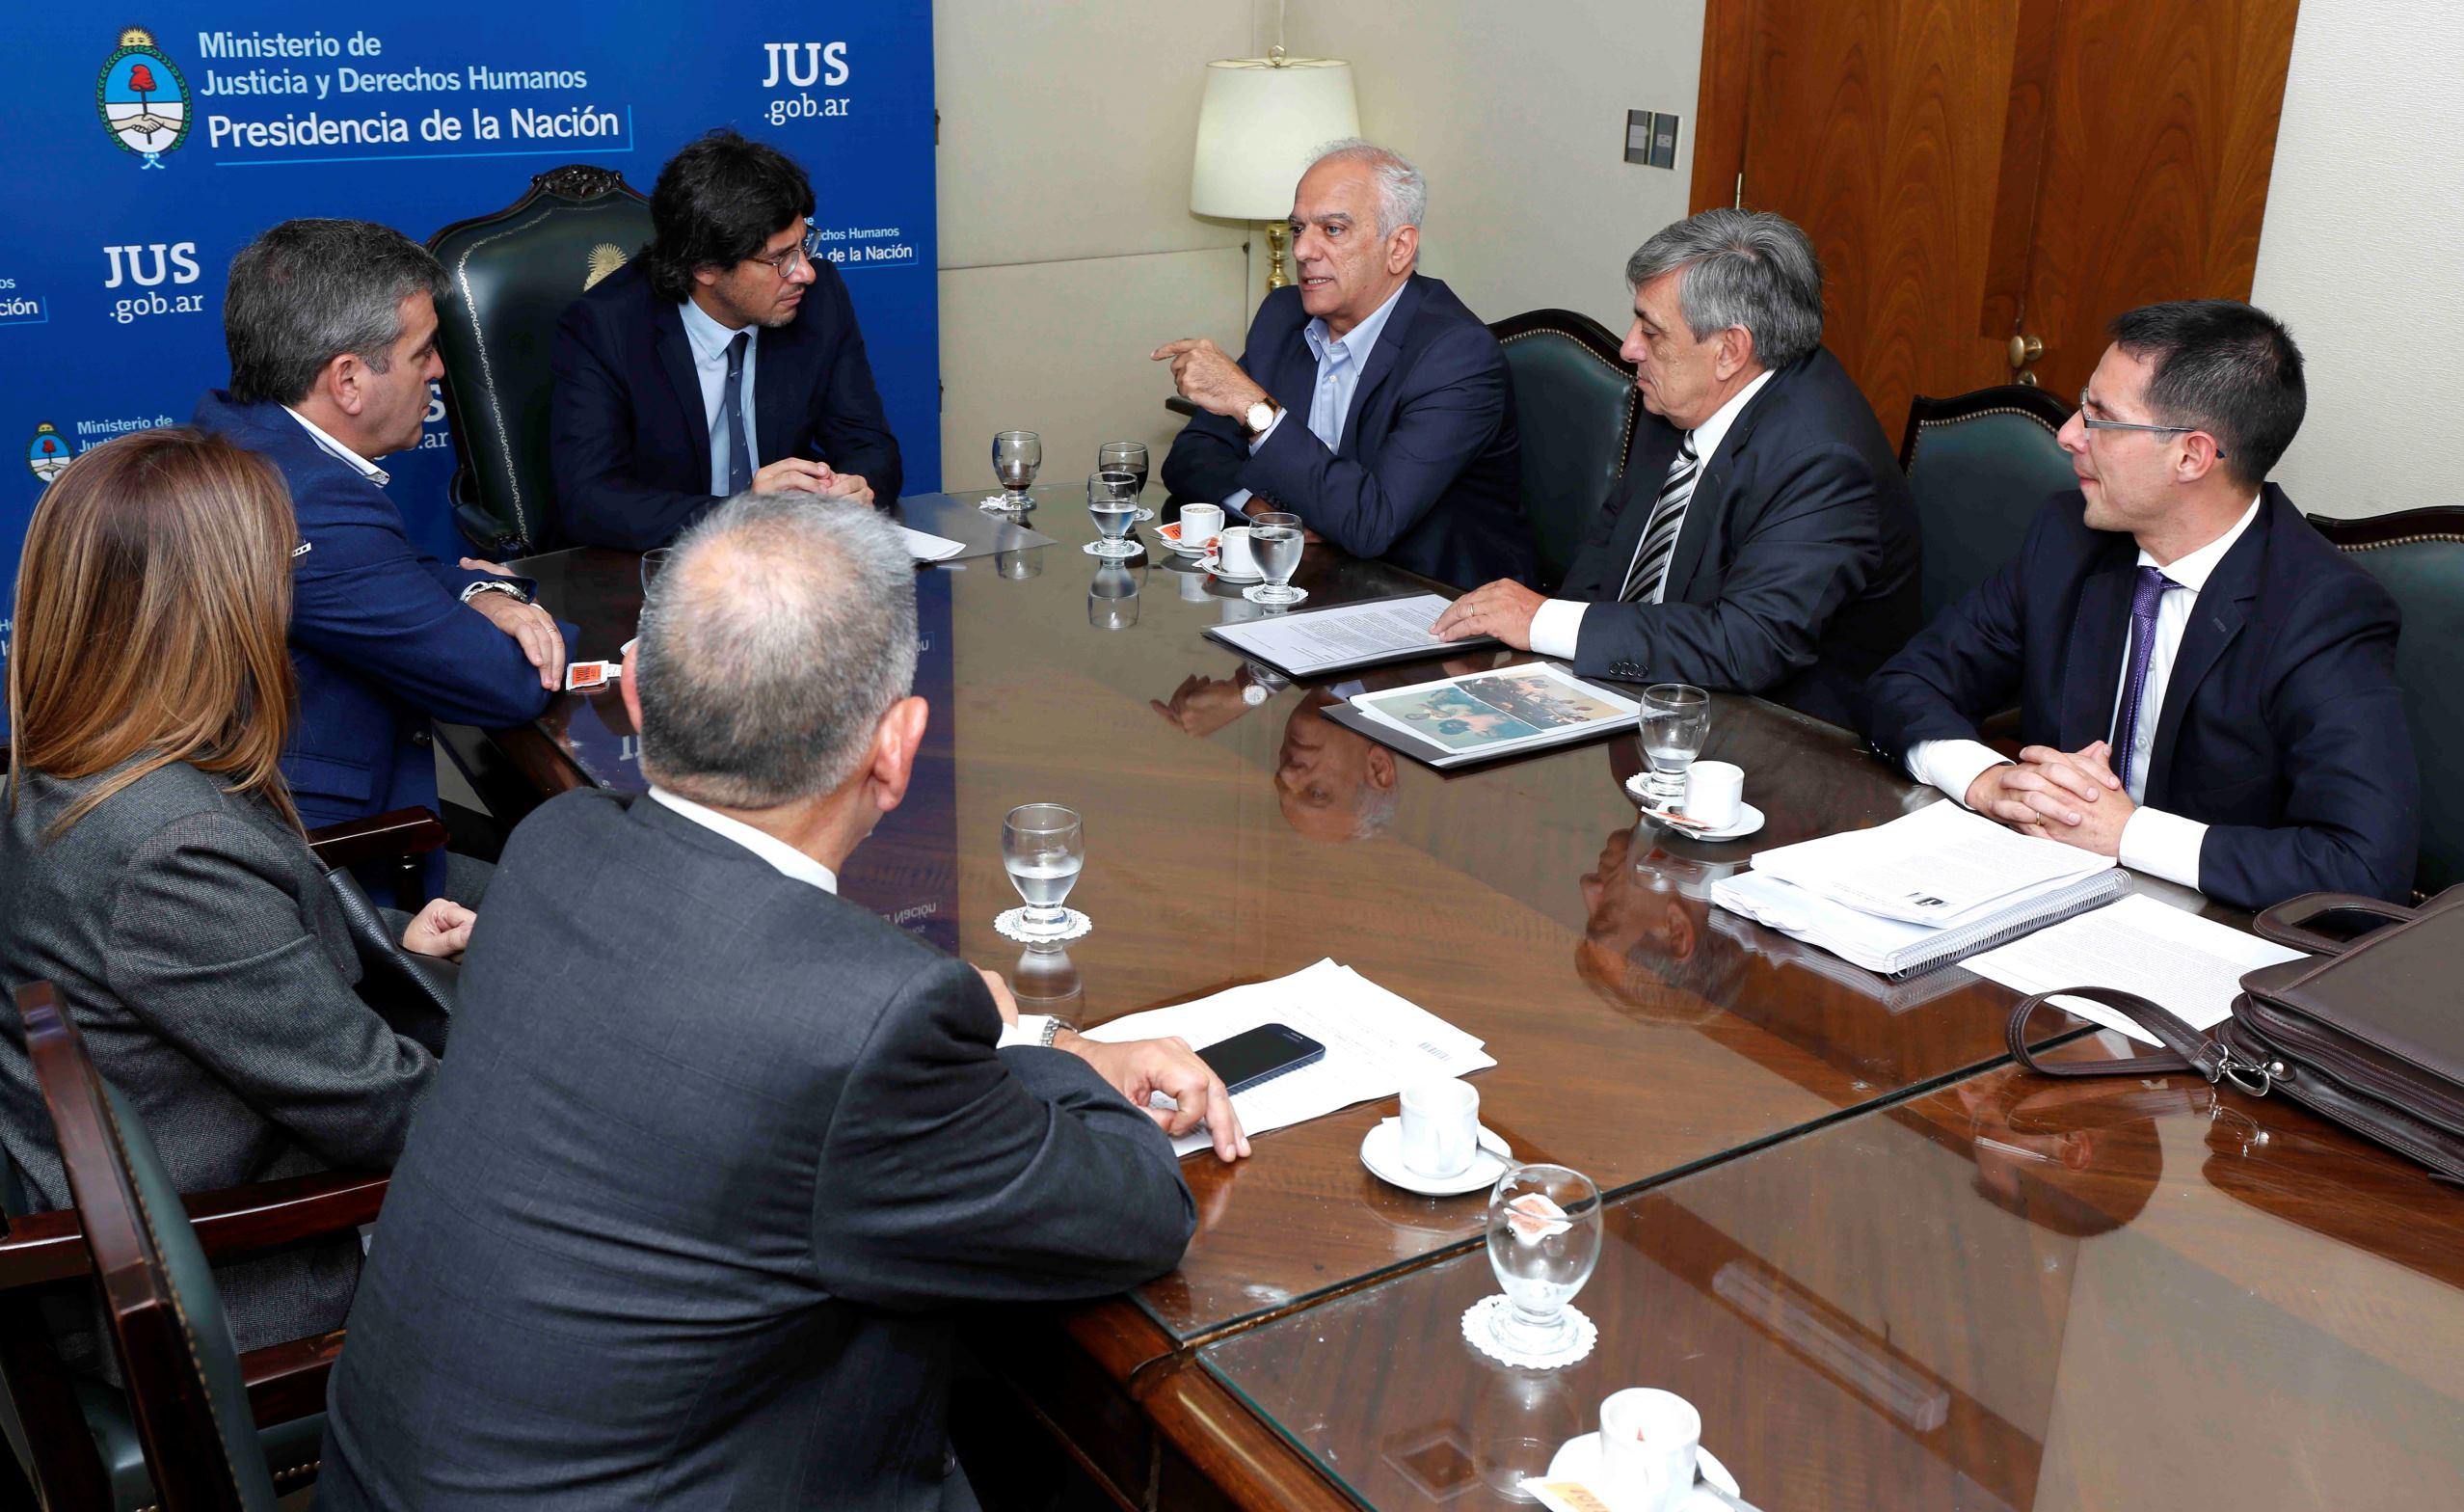 El ministro de Justicia recibió a familiares de víctimas de la impunidad de Tucumán